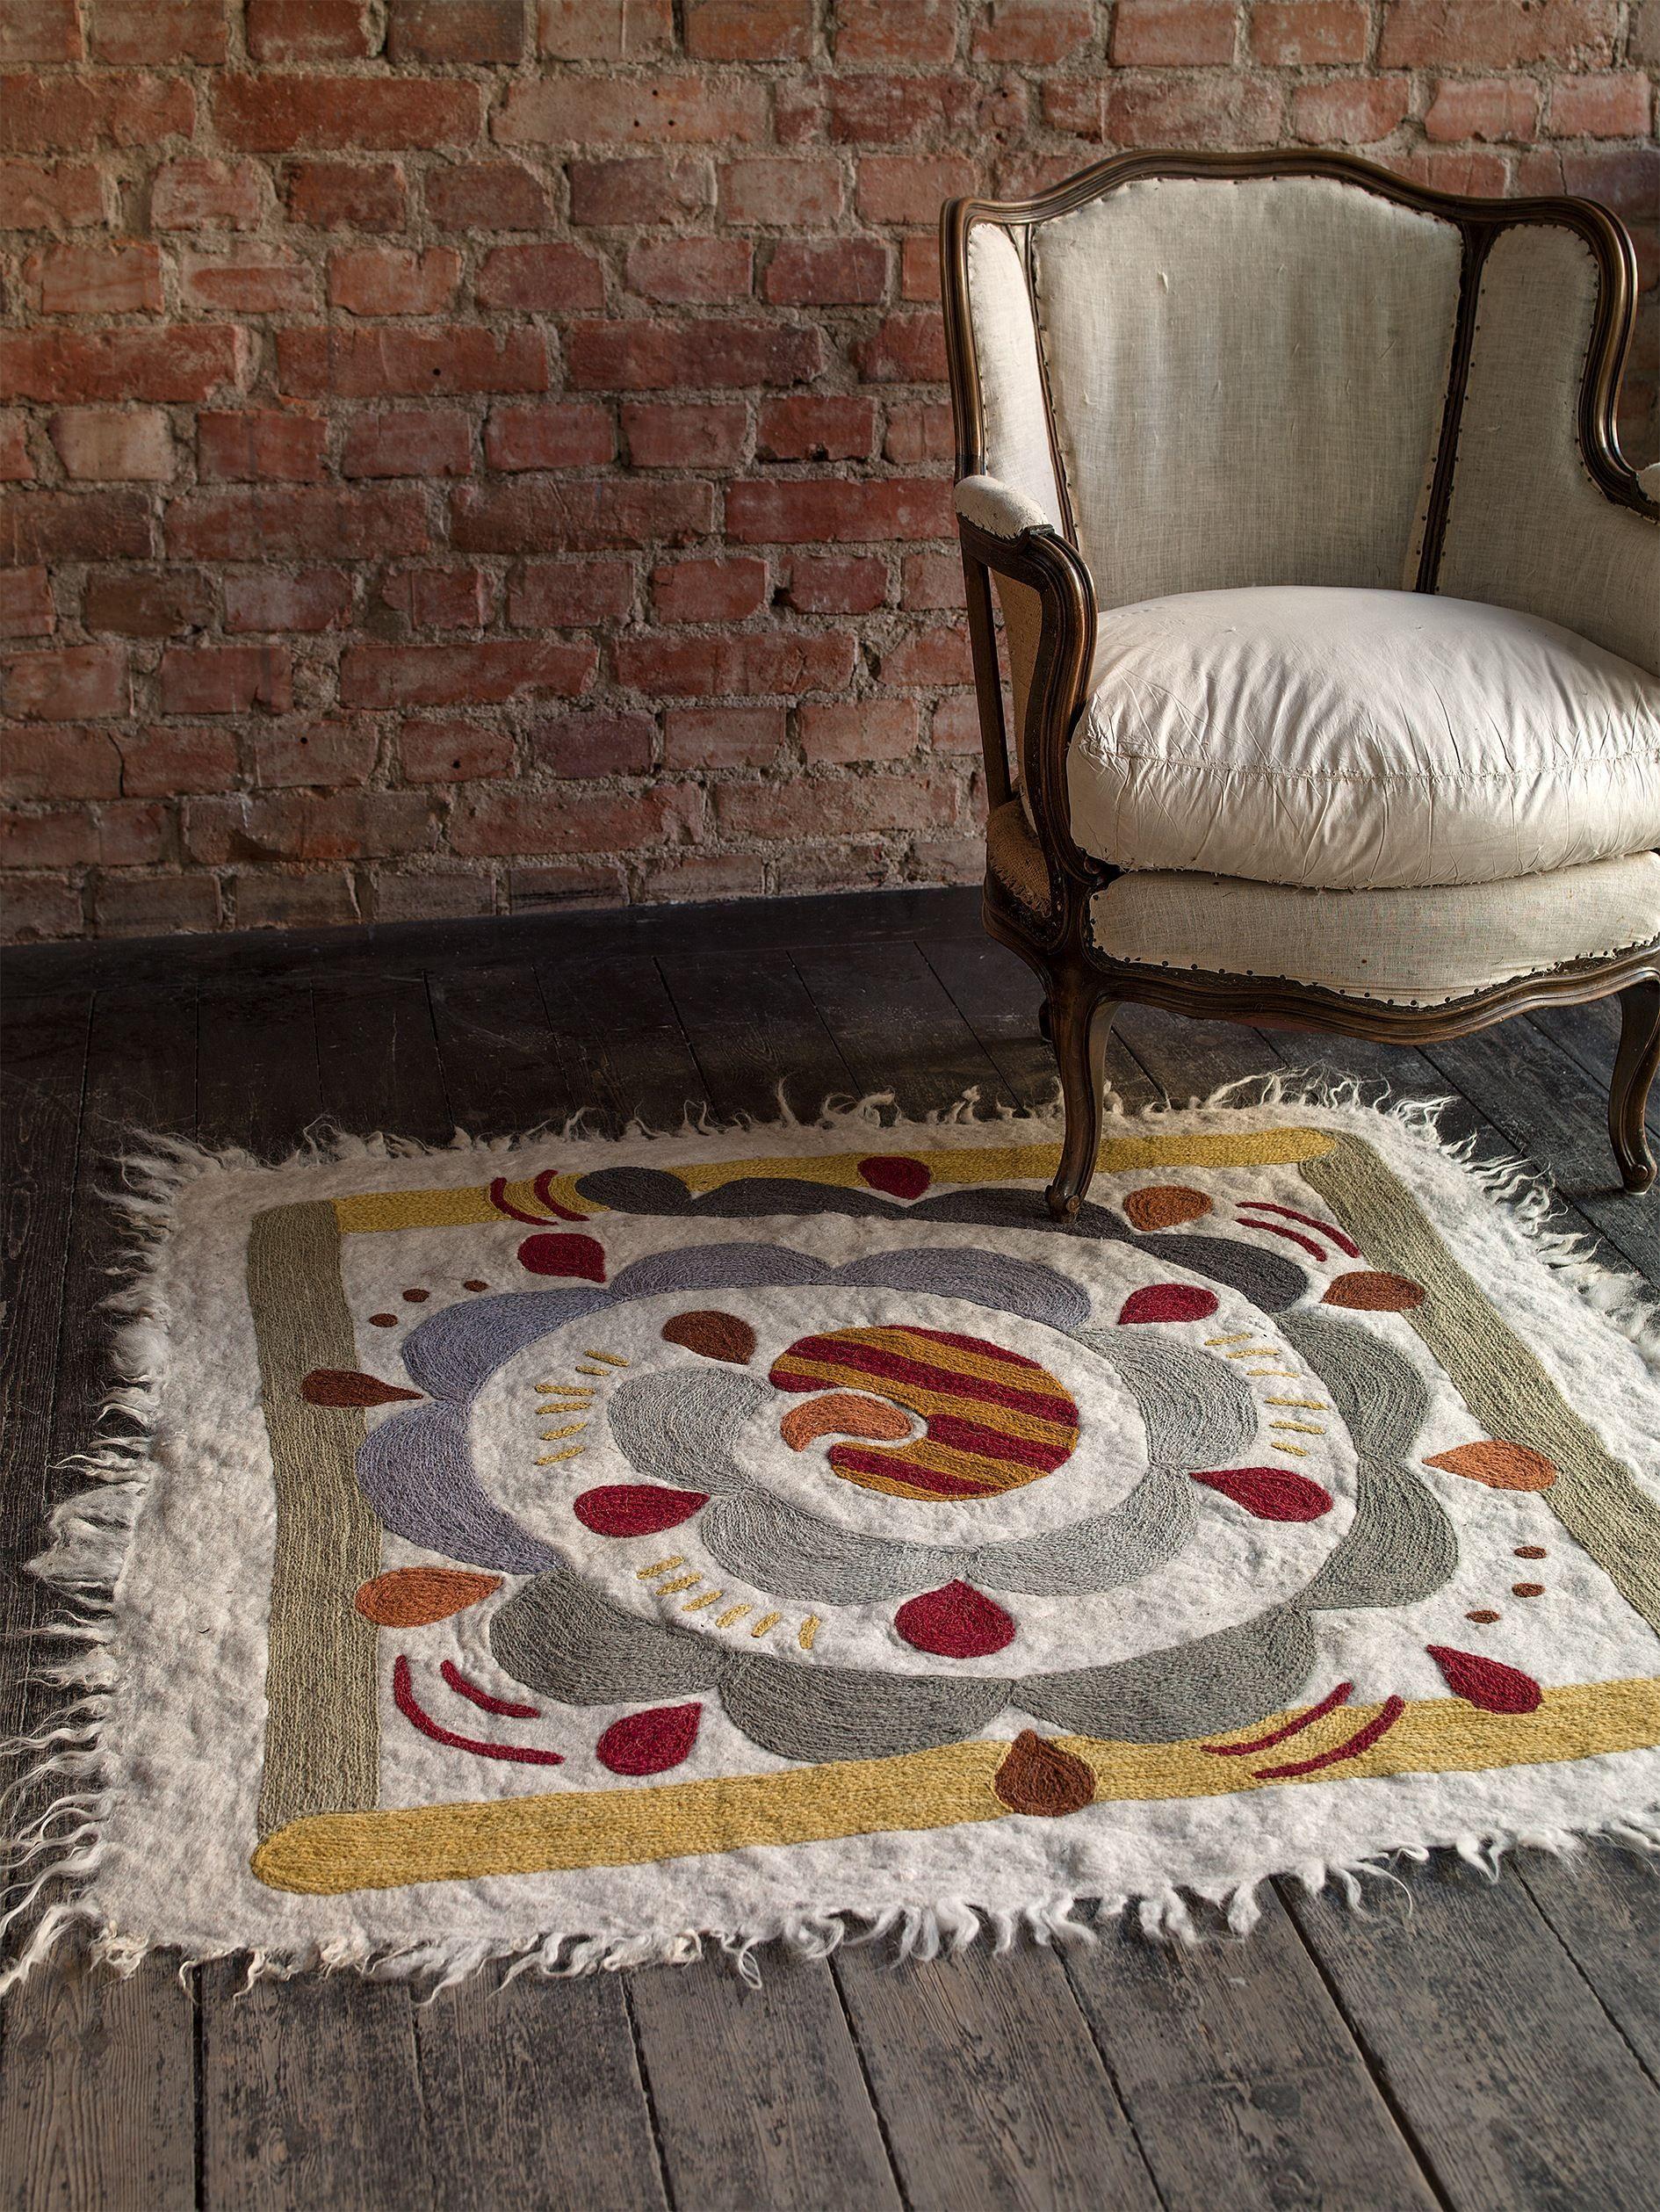 herbst winter 2013 der wundersch ne krumelur teppich ist aus gefilzter baumwolle wolle. Black Bedroom Furniture Sets. Home Design Ideas